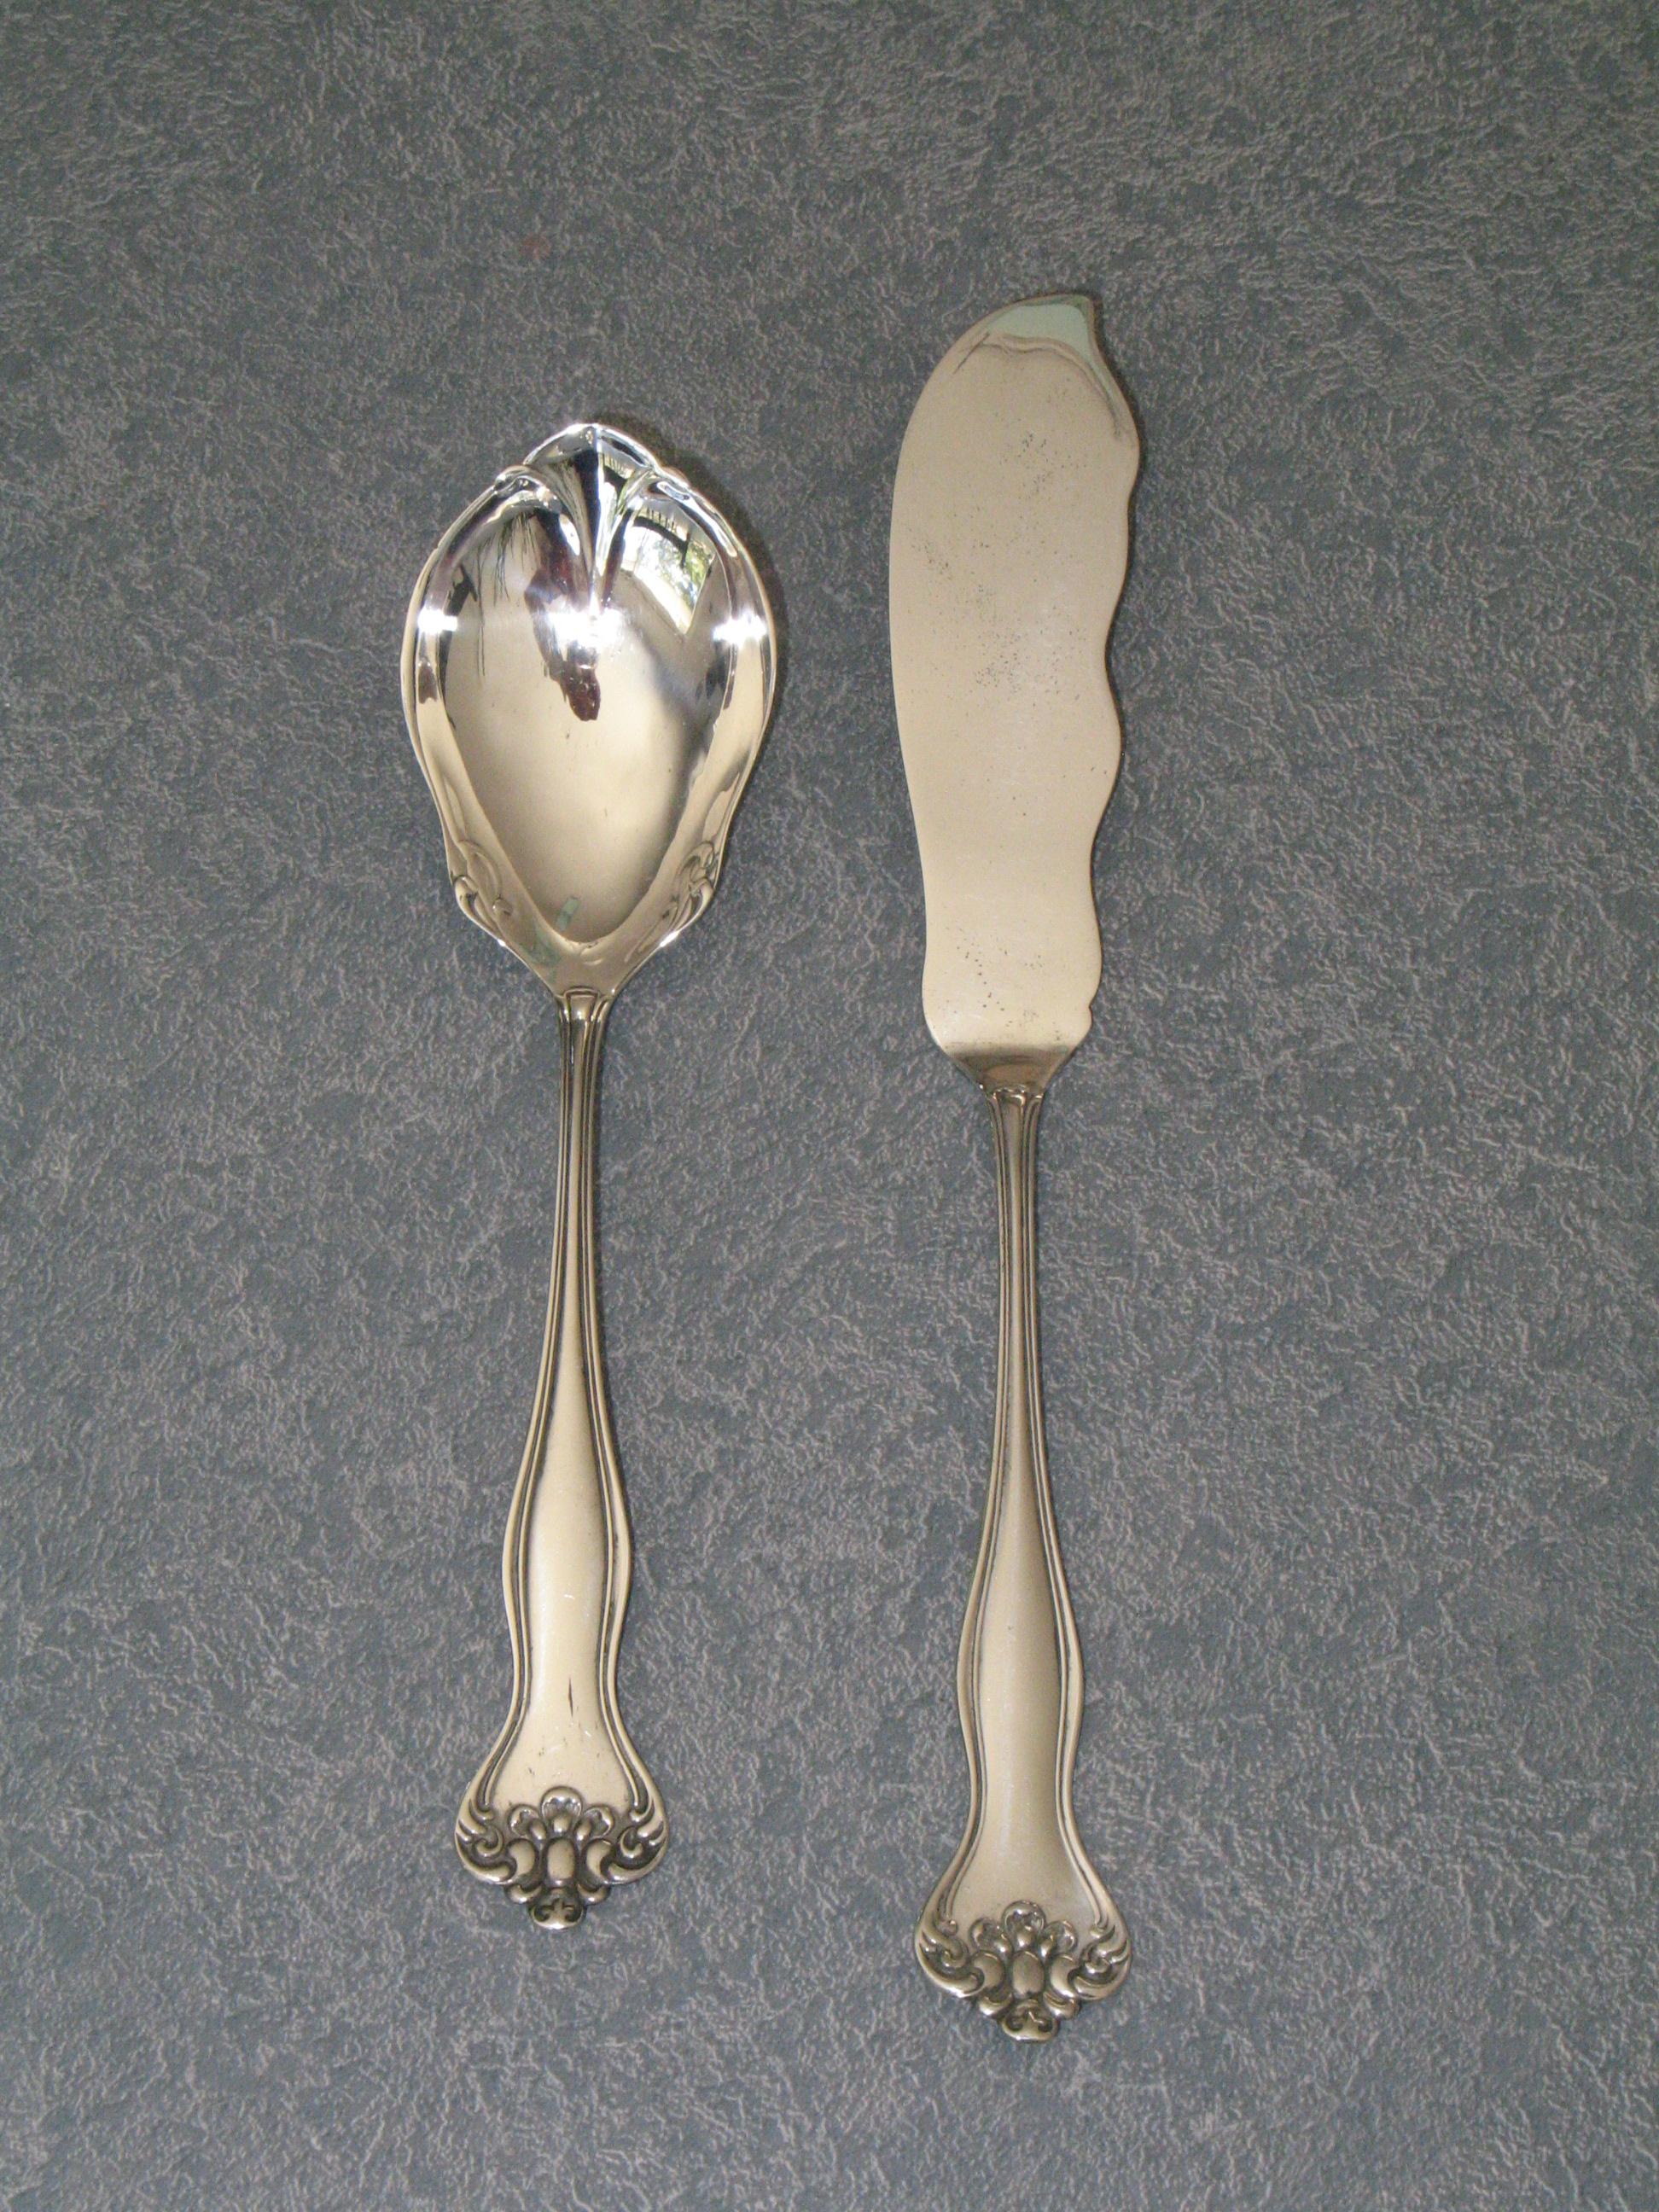 Sterling-silver-jelly-spoon-butter-knife .JPG